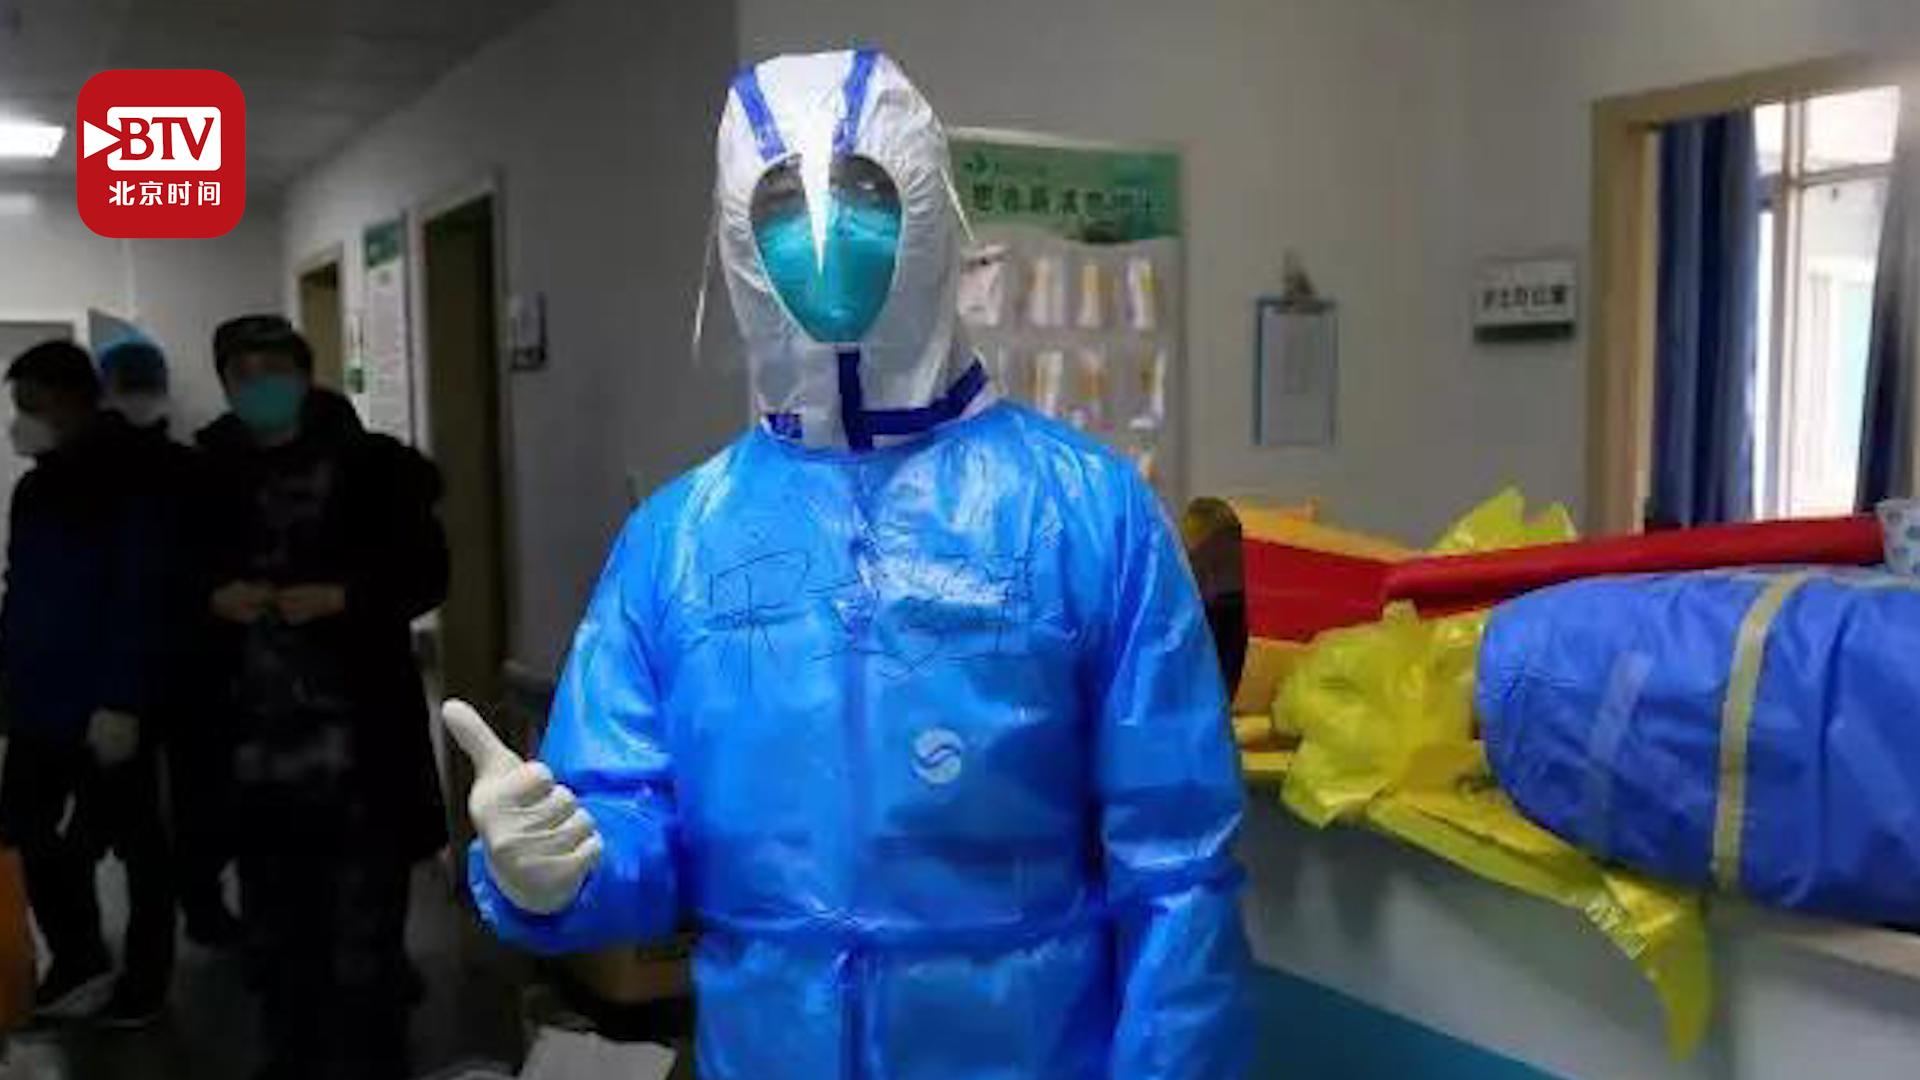 初三女孩向同学晒军医爸爸抗击疫情工作照:我爸爸是个英雄!